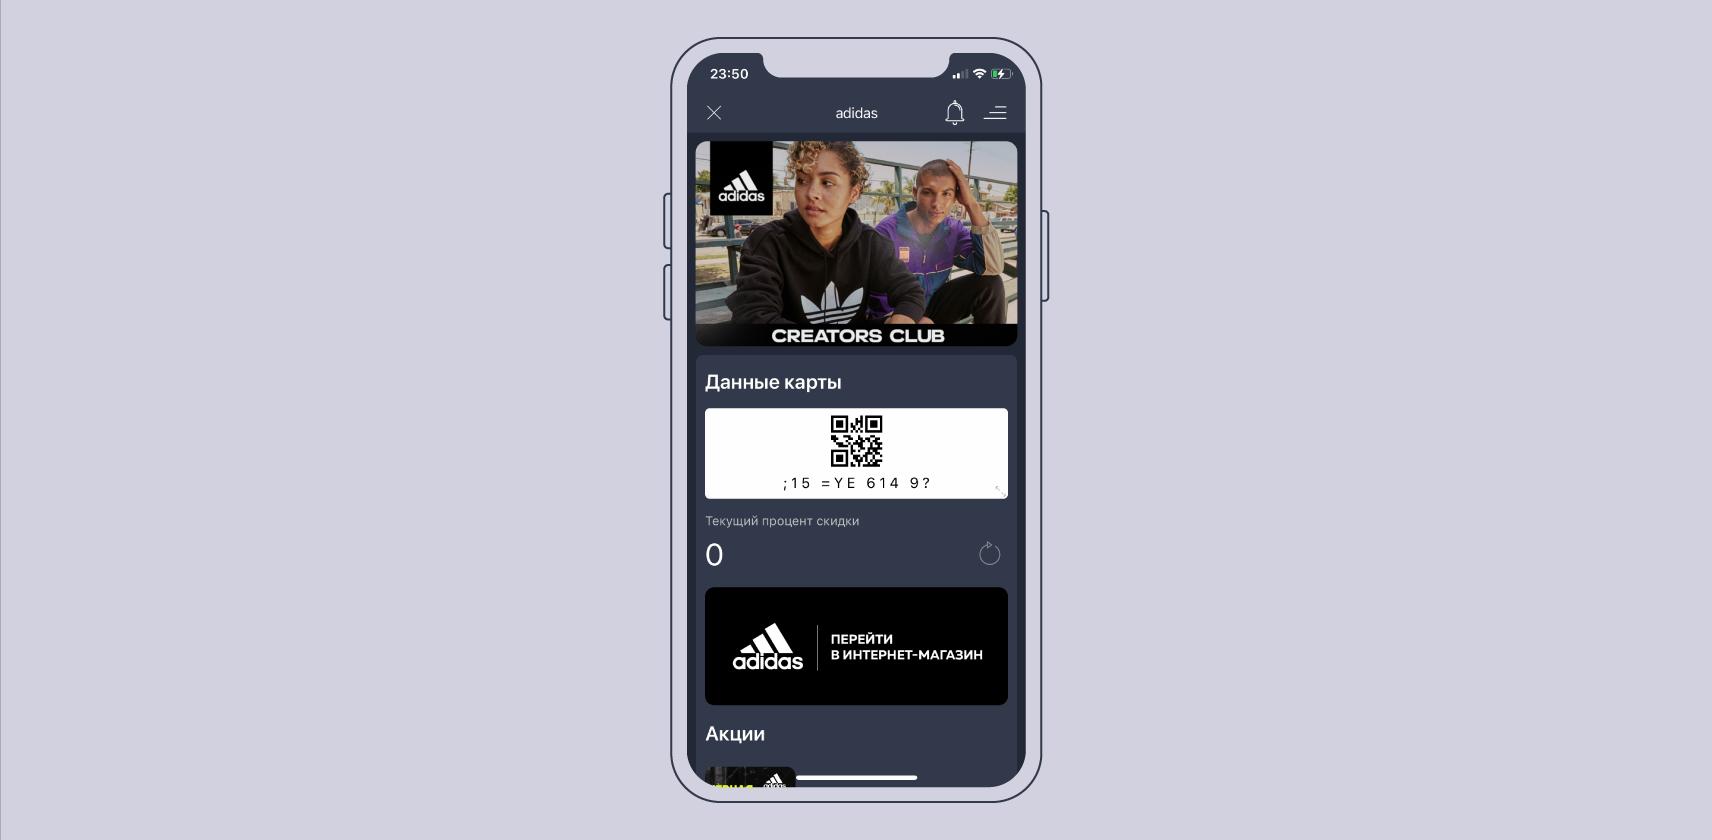 программа лояльности adidas Creators Club